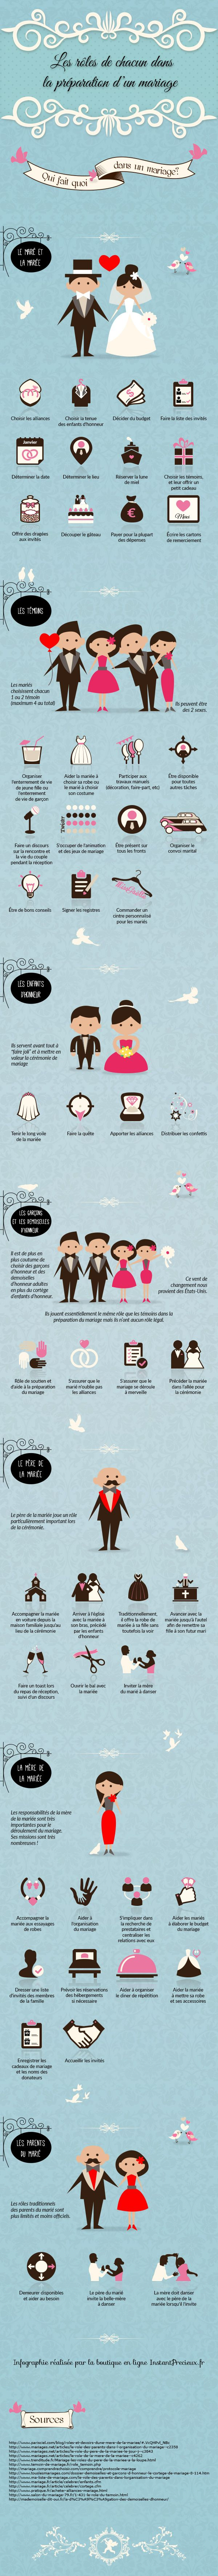 Les rôles de chacun dans un mariage                              …